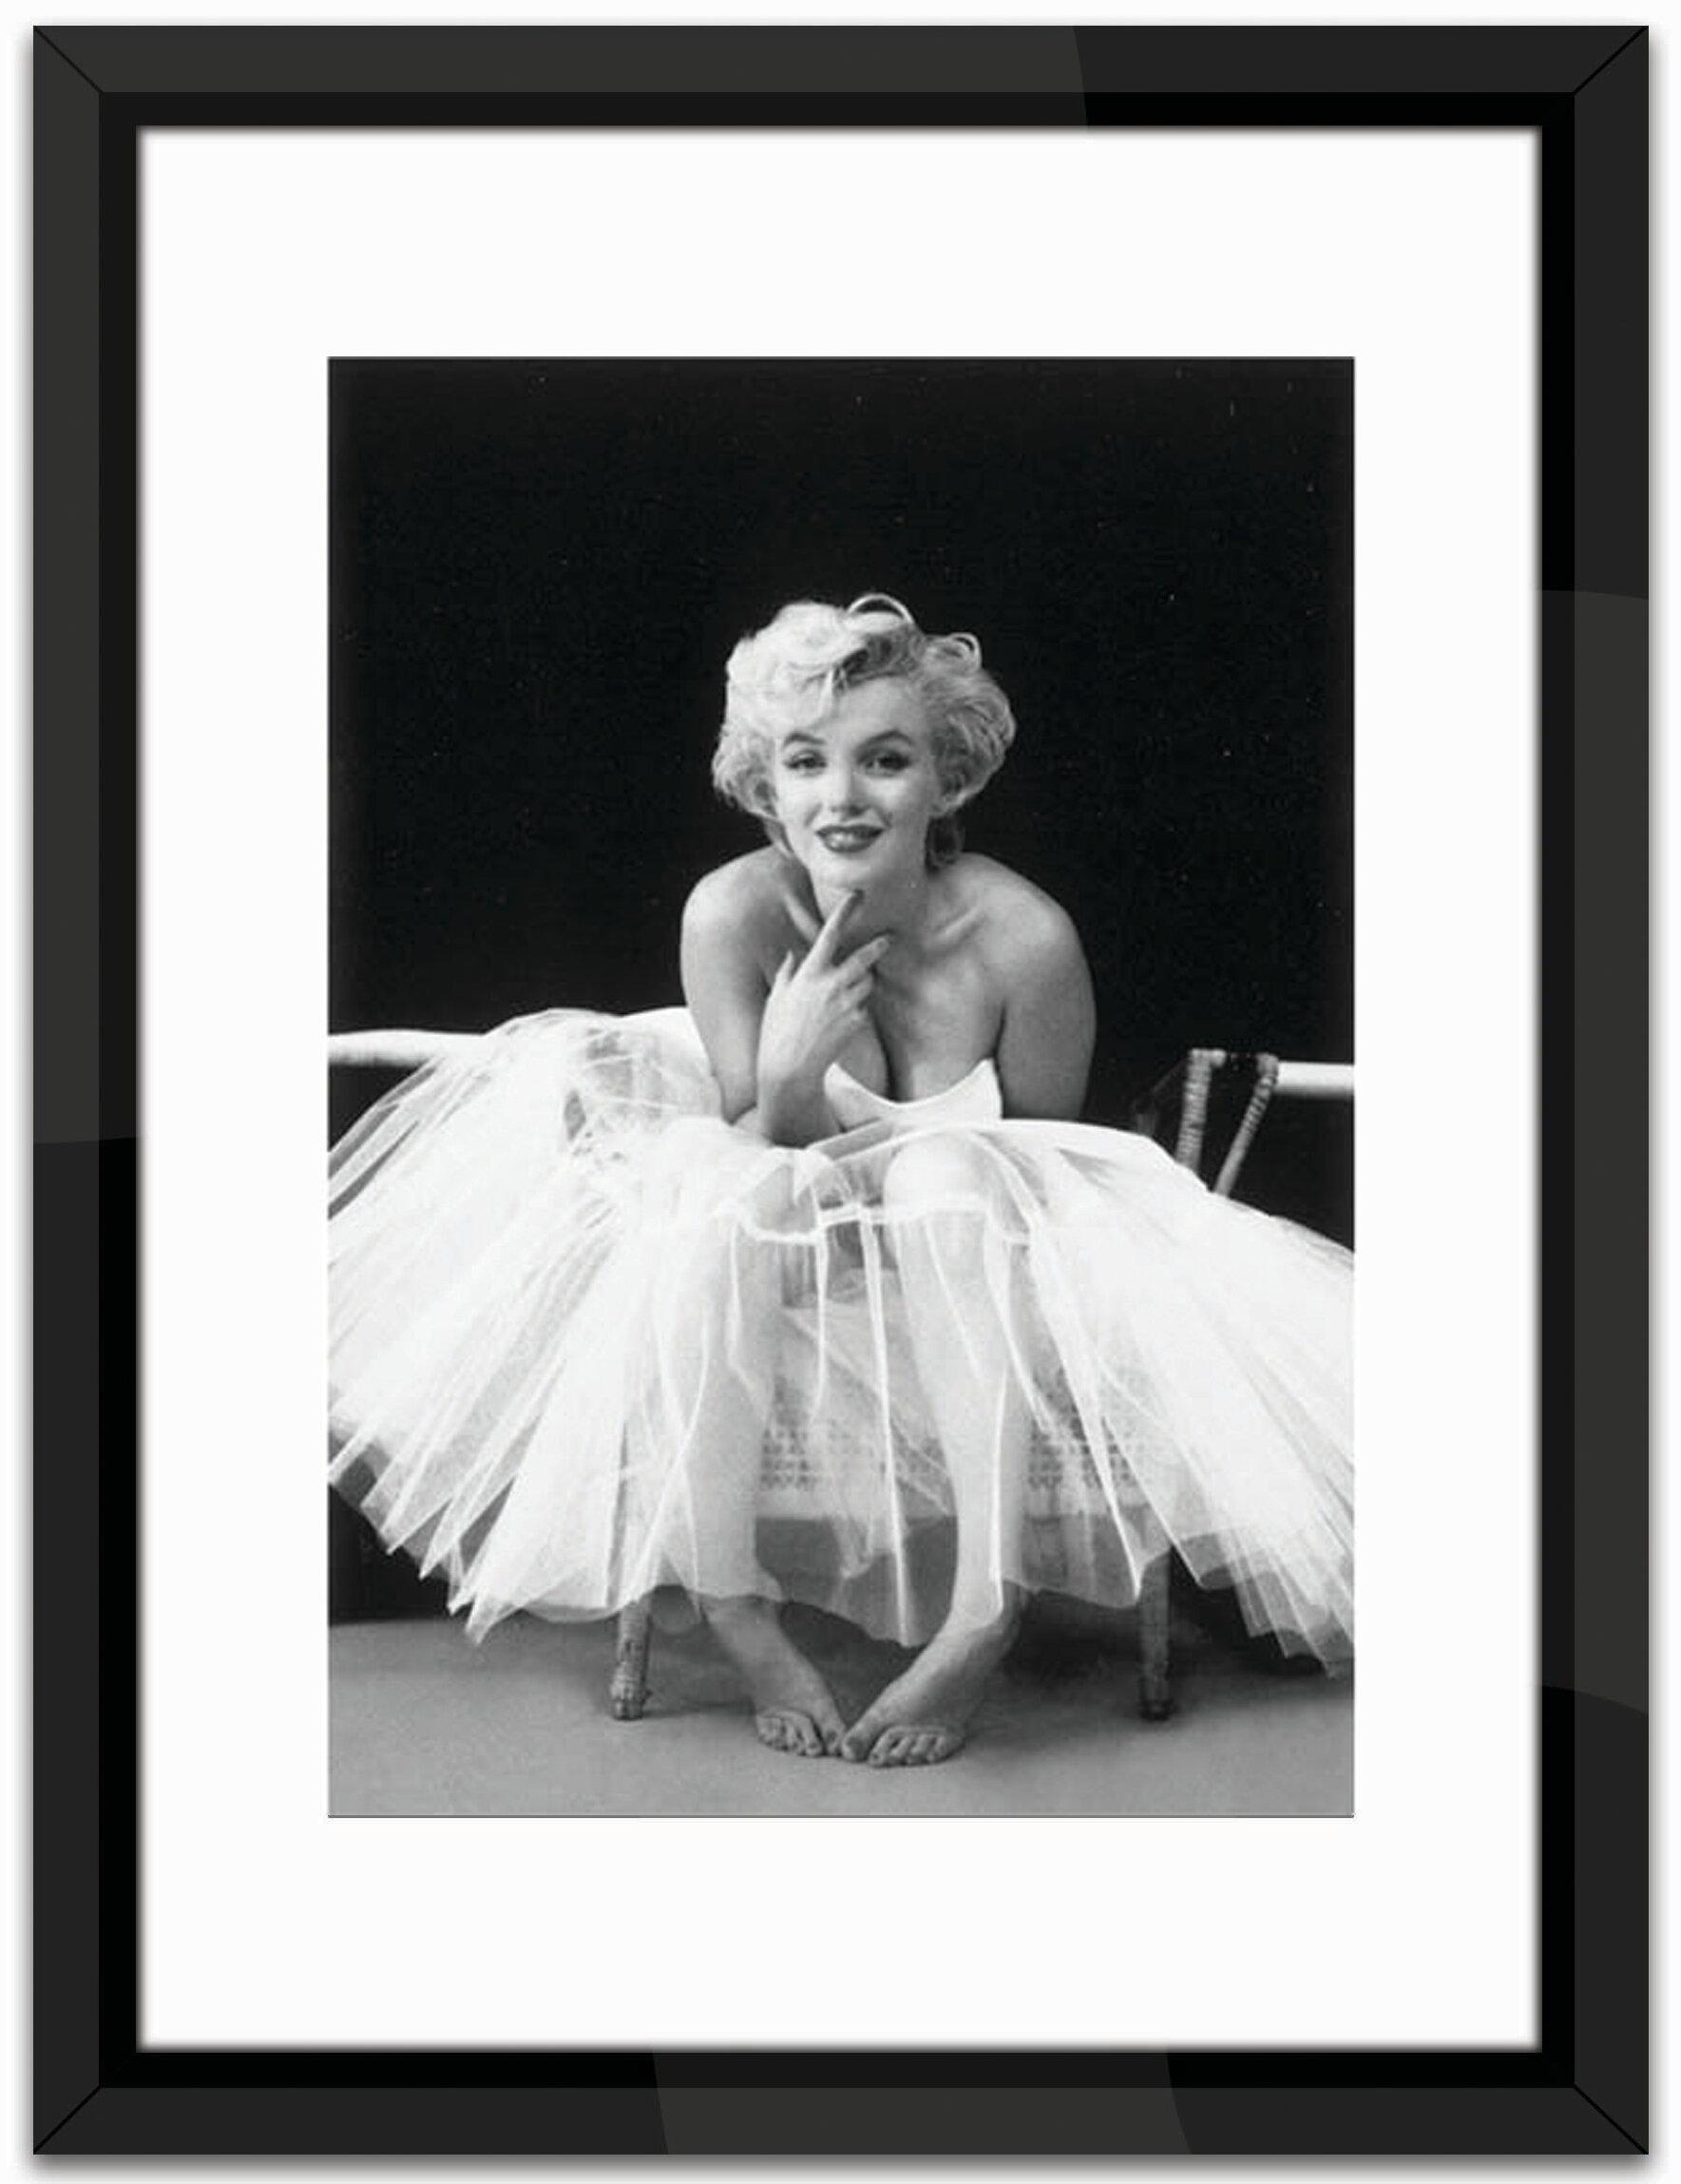 East Urban Home Studio Marilyn Monroe, Ballerina Framed Photographic ...